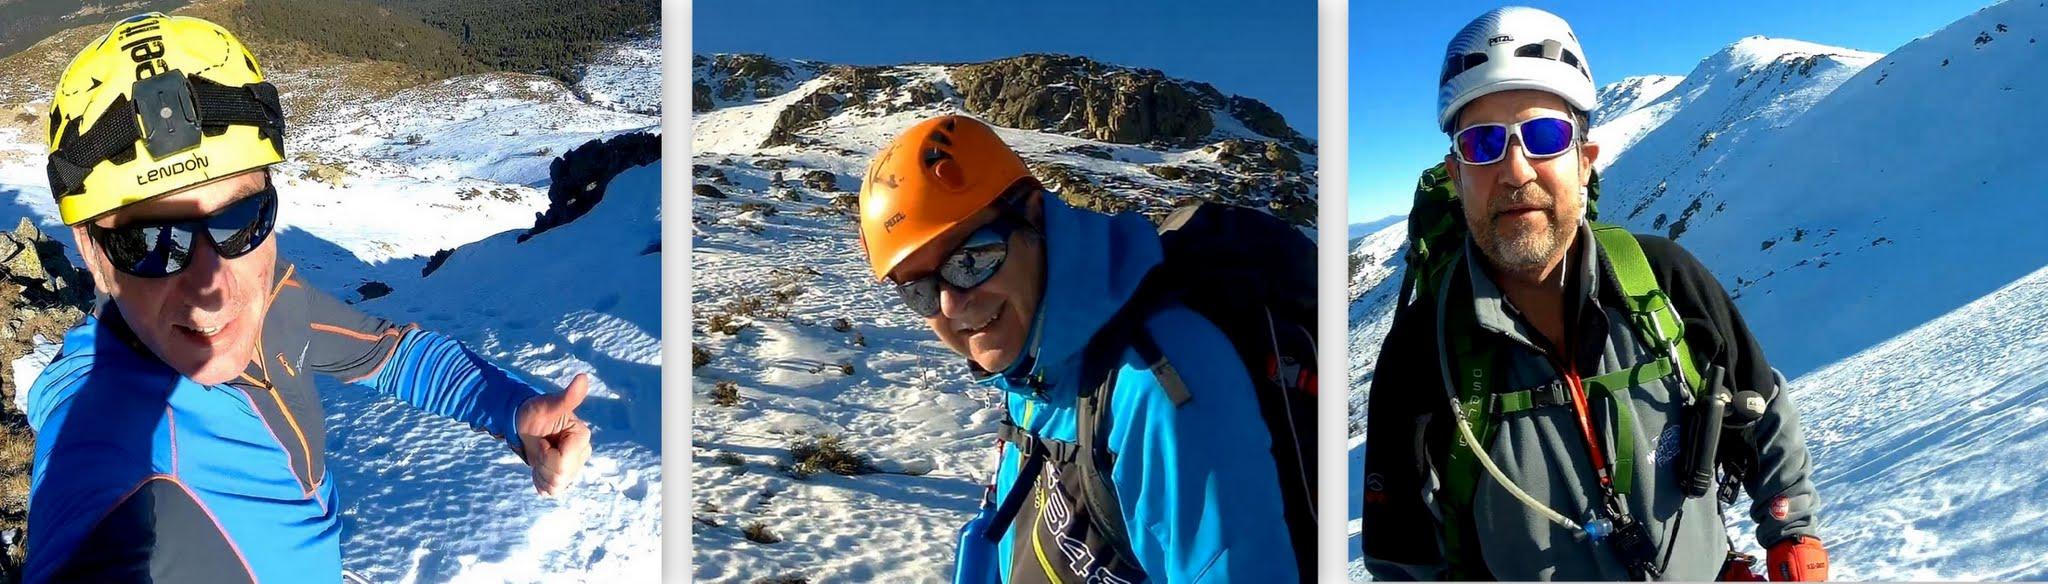 Valdemartin, iniciación montaña invernal